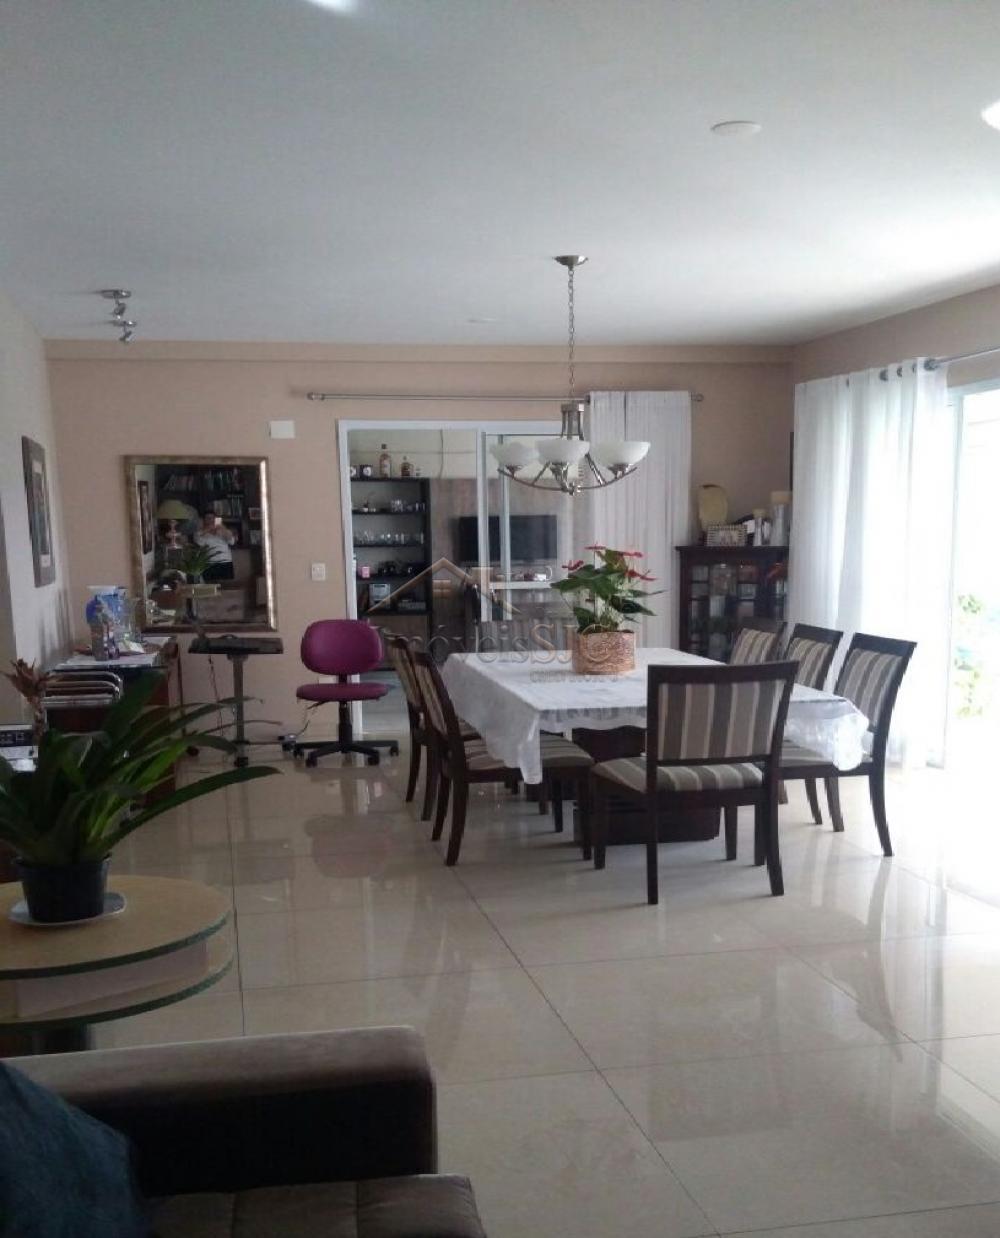 Comprar Apartamentos / Padrão em São José dos Campos apenas R$ 1.700.000,00 - Foto 5